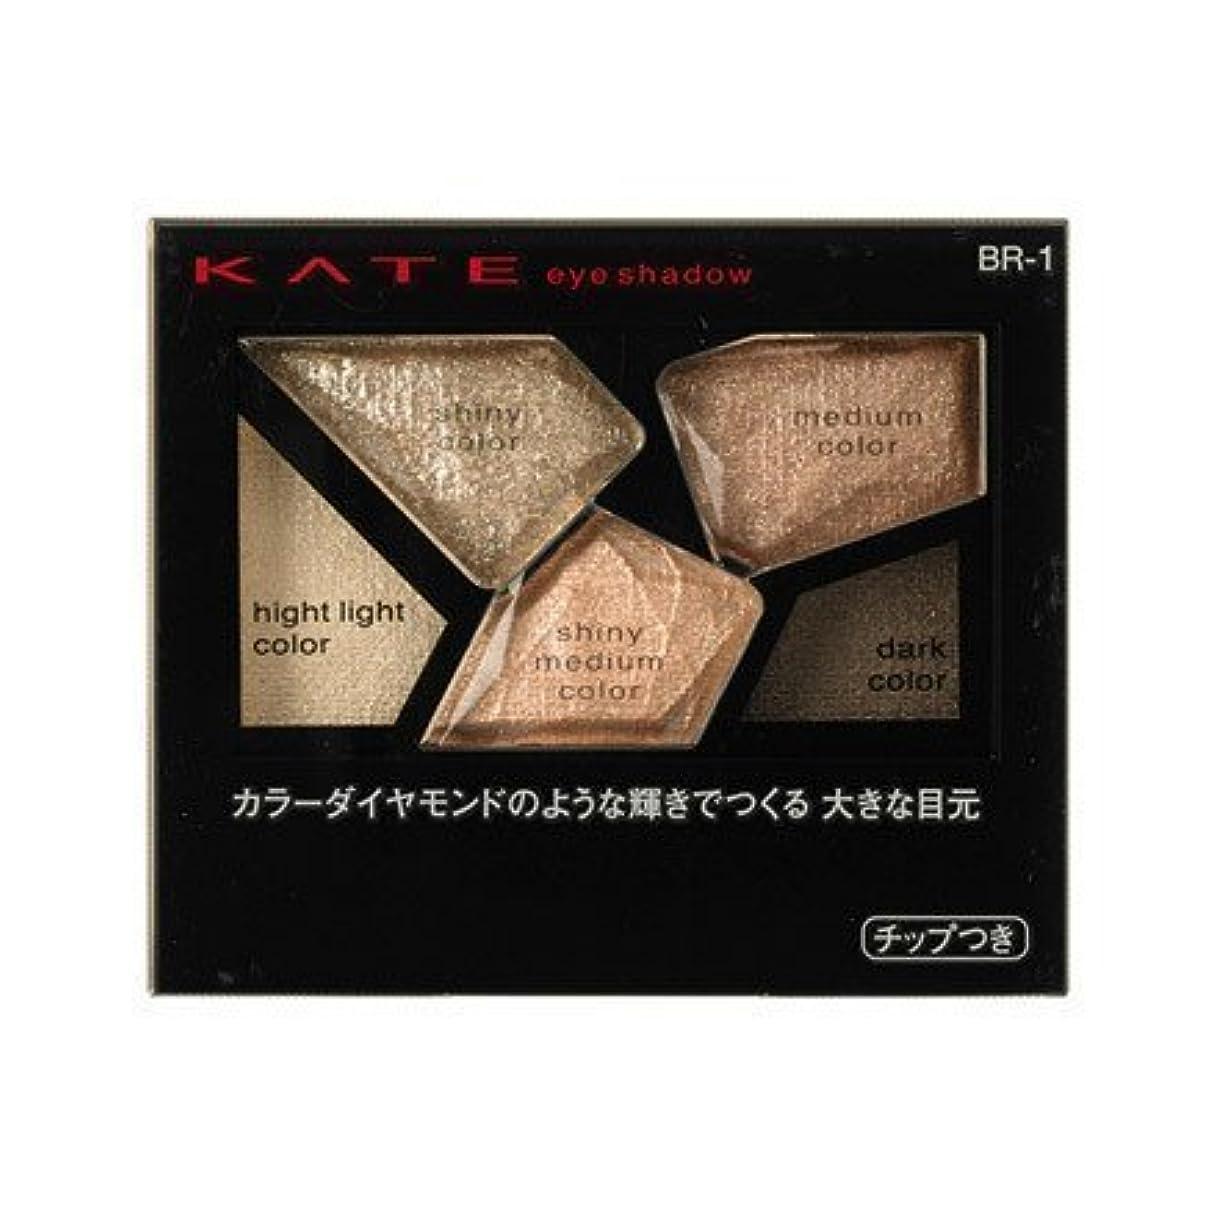 失われた中央値手紙を書く【カネボウ】ケイト カラーシャスダイヤモンド #BR-1 2.8g